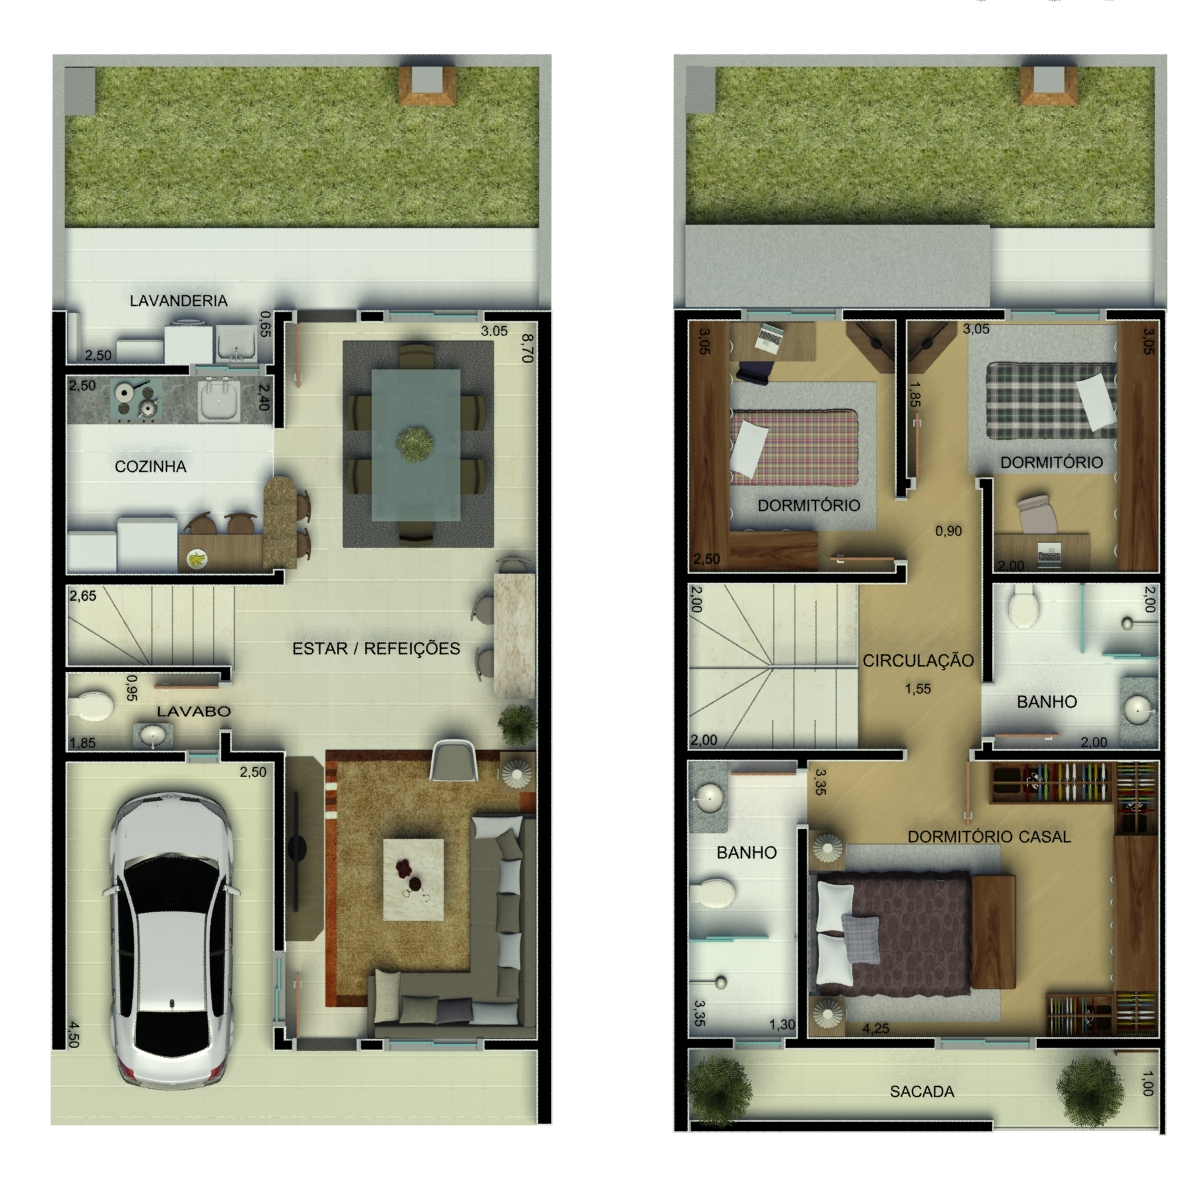 Plantas de sobrados com 3 quartos Decorando Casas #5E462B 1200 1200